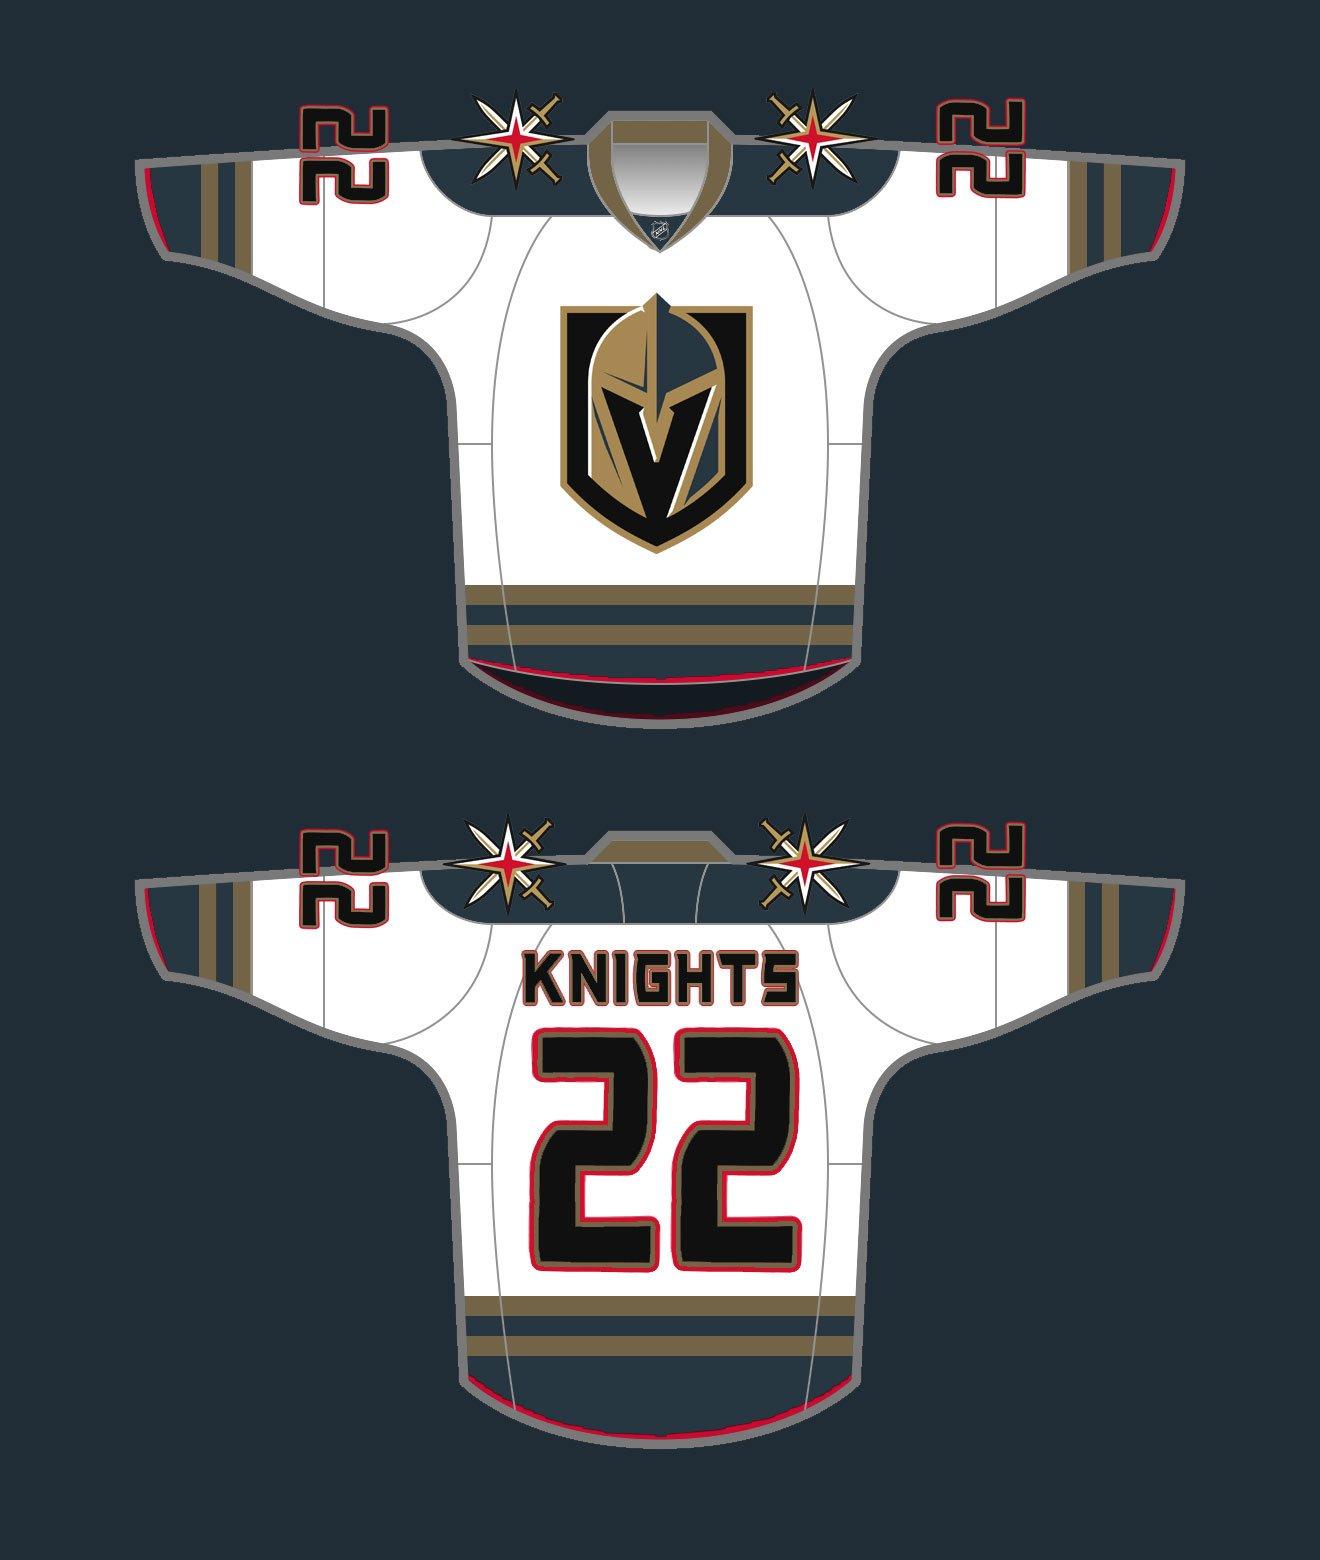 Vegas Golden Knights Jersey Concepts - SinBin.vegas 1a9bbd422